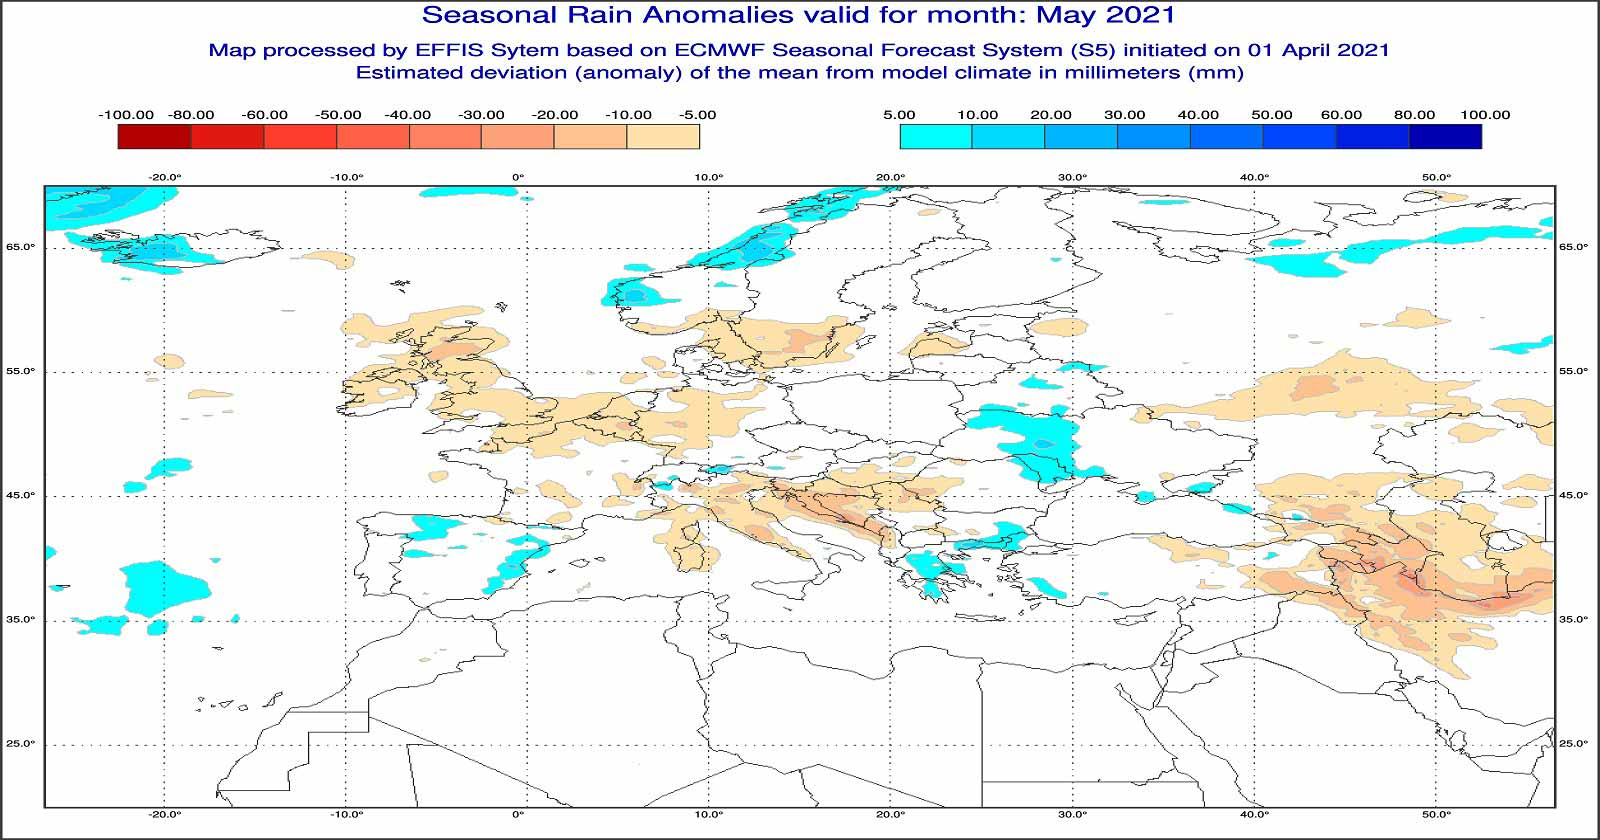 Anomalie di precipitazione per Maggio 2021 secondo il modello ECMWF - effis.jrc.ec.europa.eu.jpg